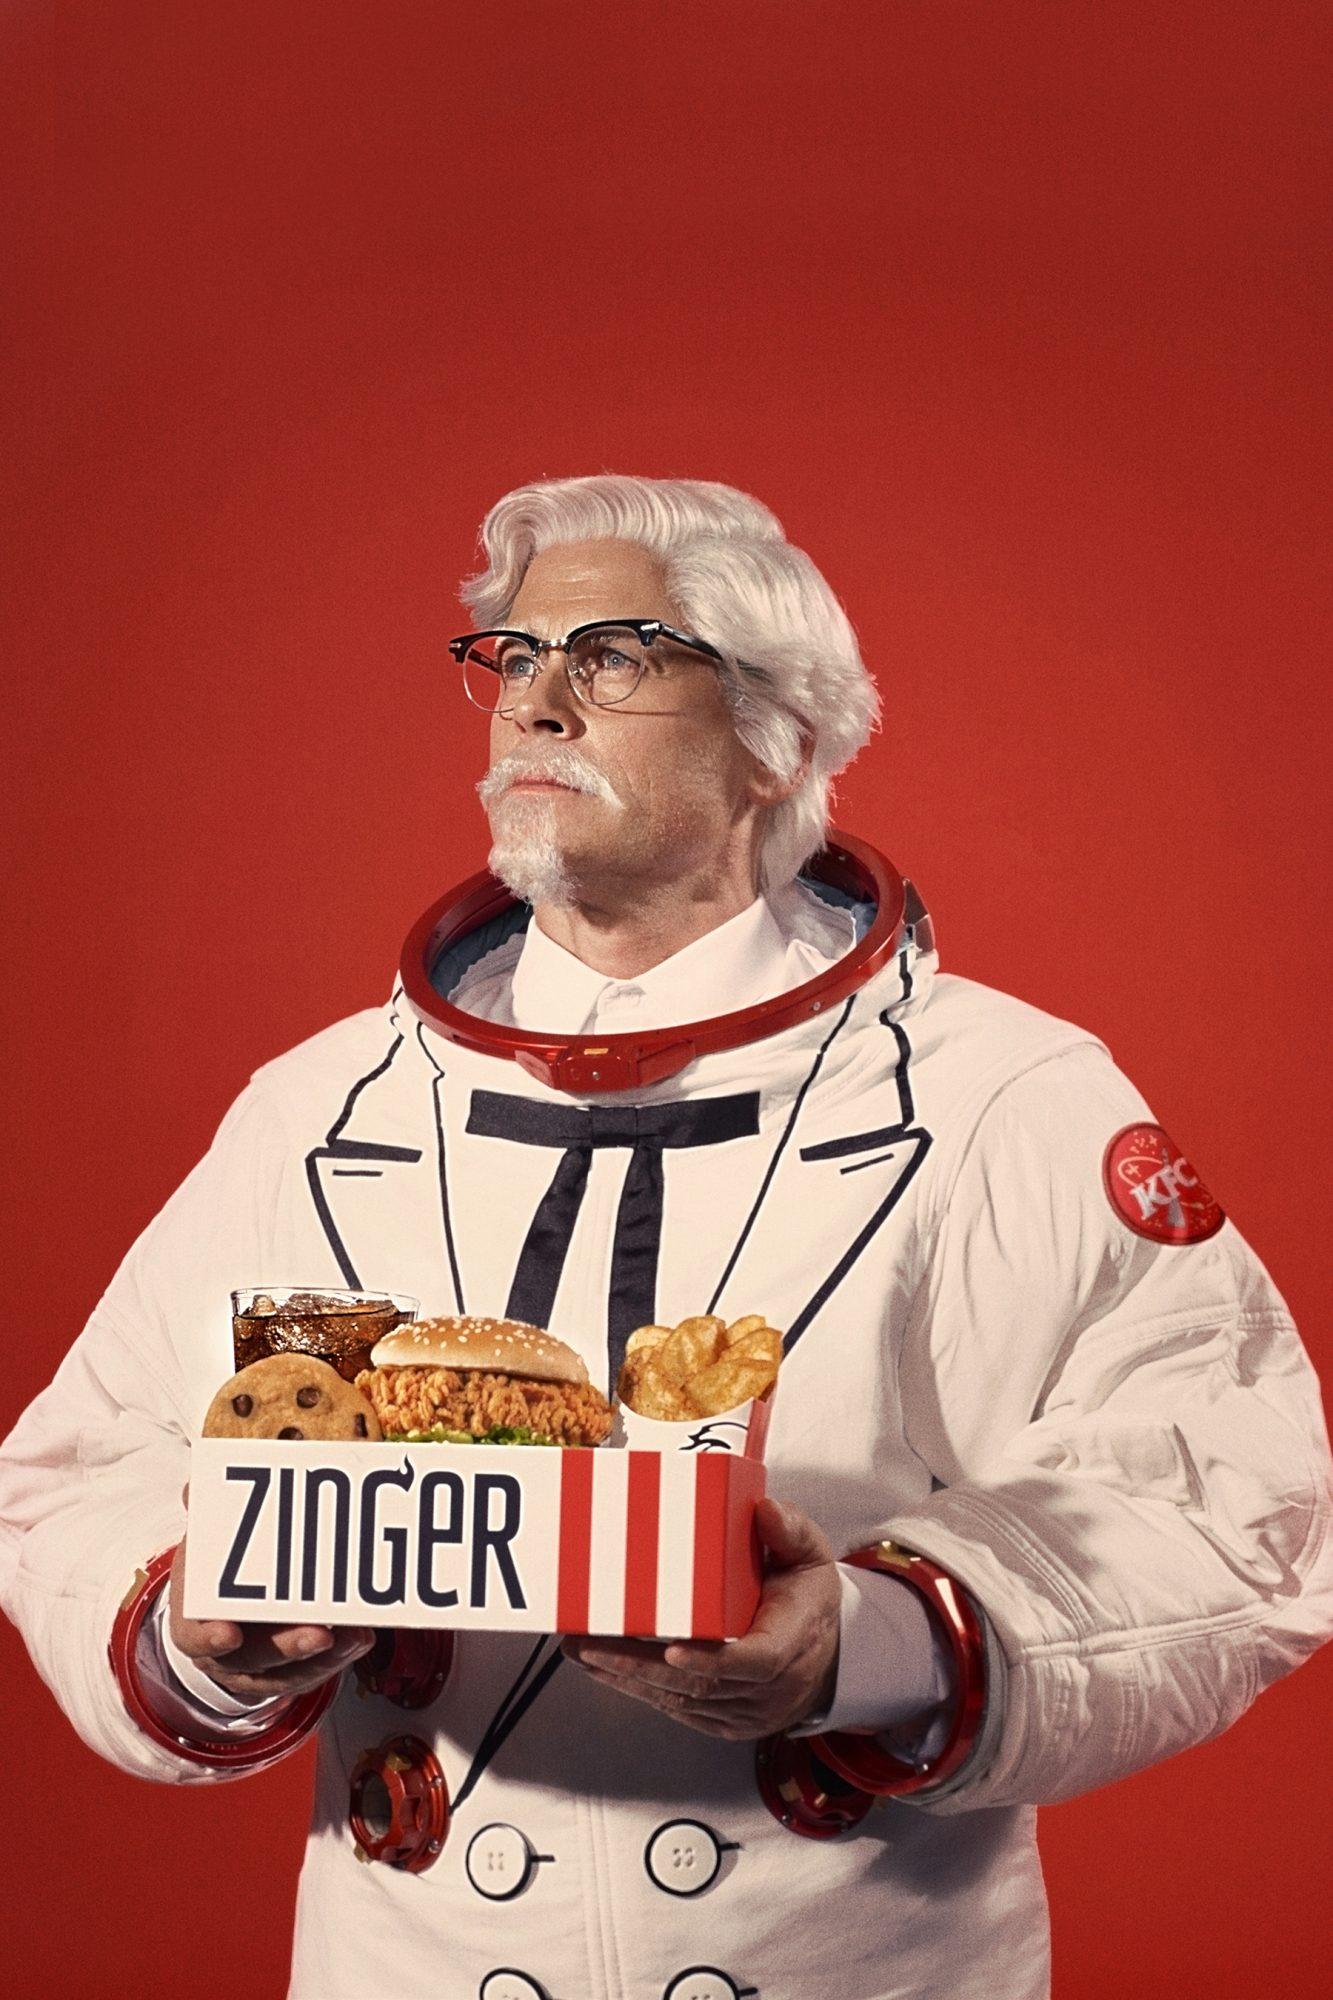 KFC_Zinger_PR1